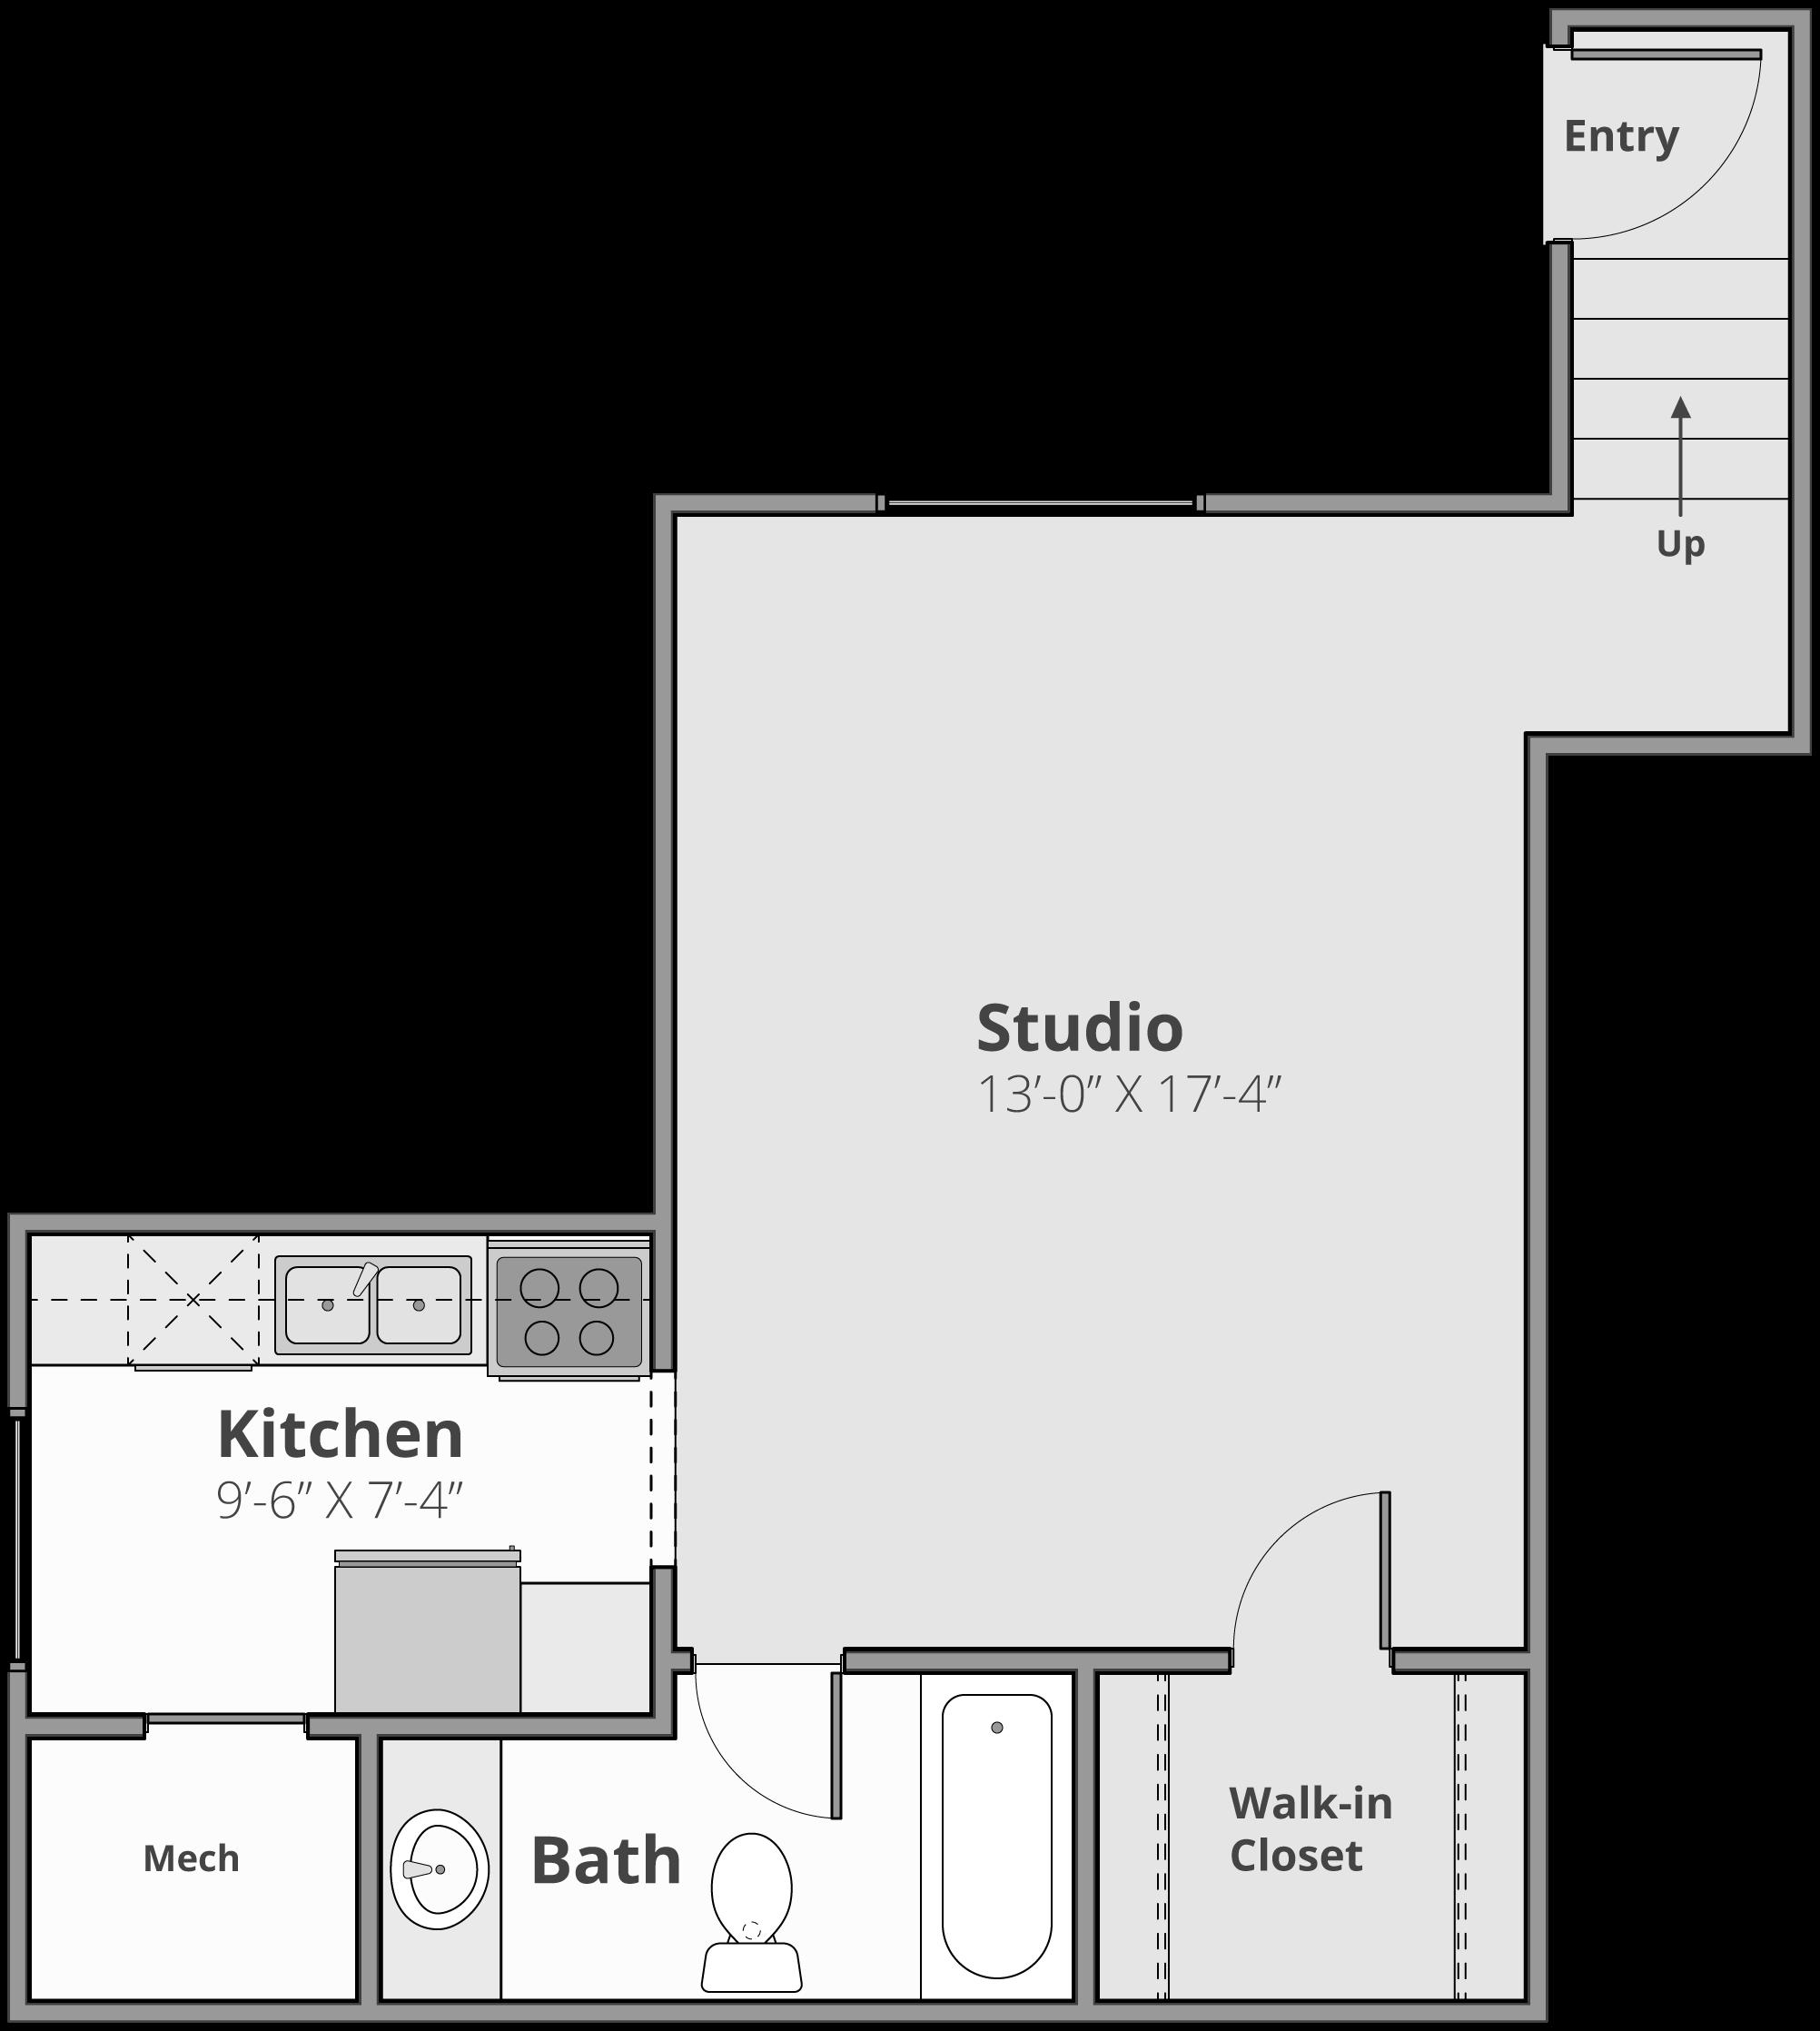 The Juno Floor Plan